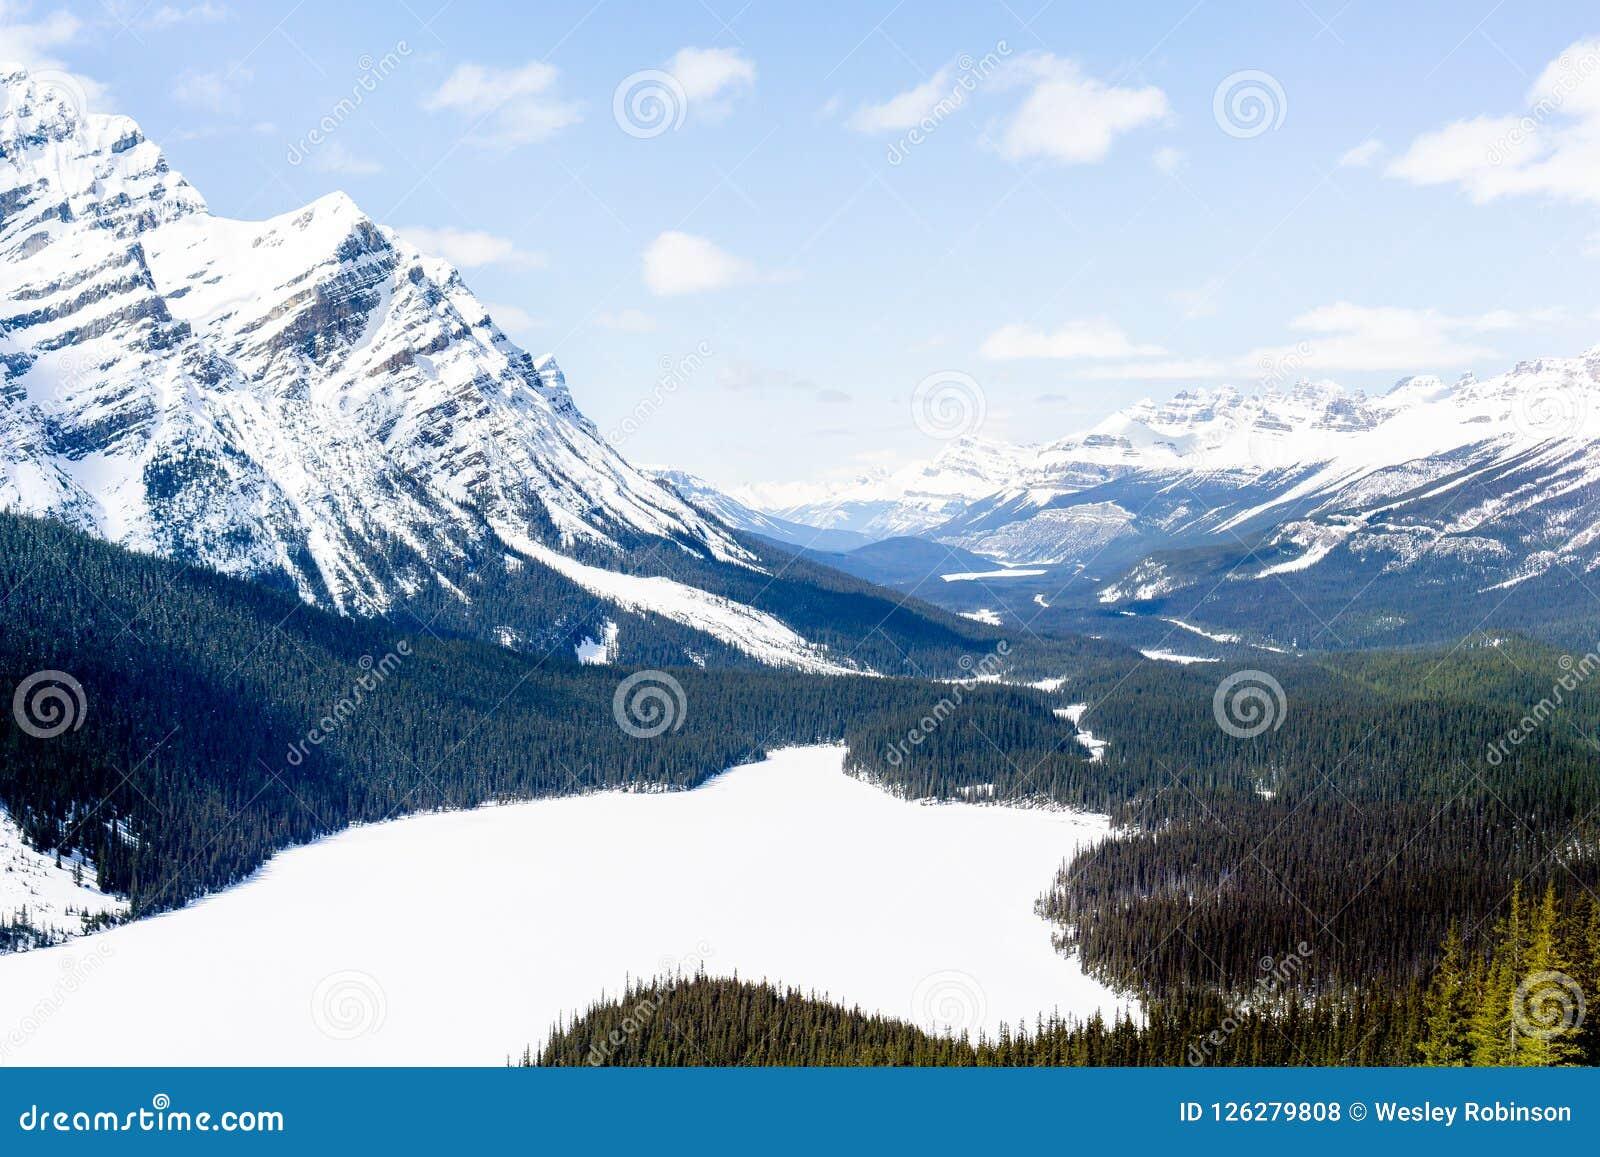 Mountain Overlook- 3